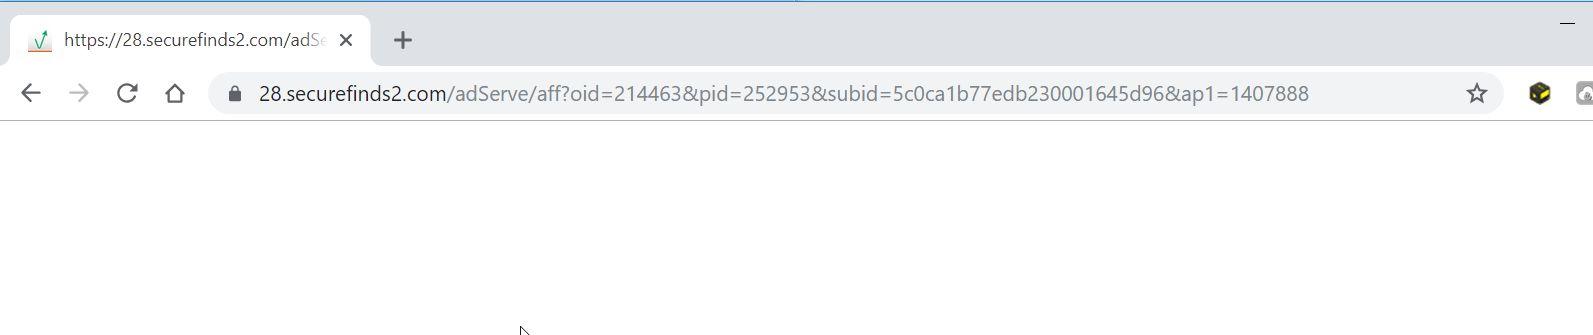 securefinds2.com redirect virus